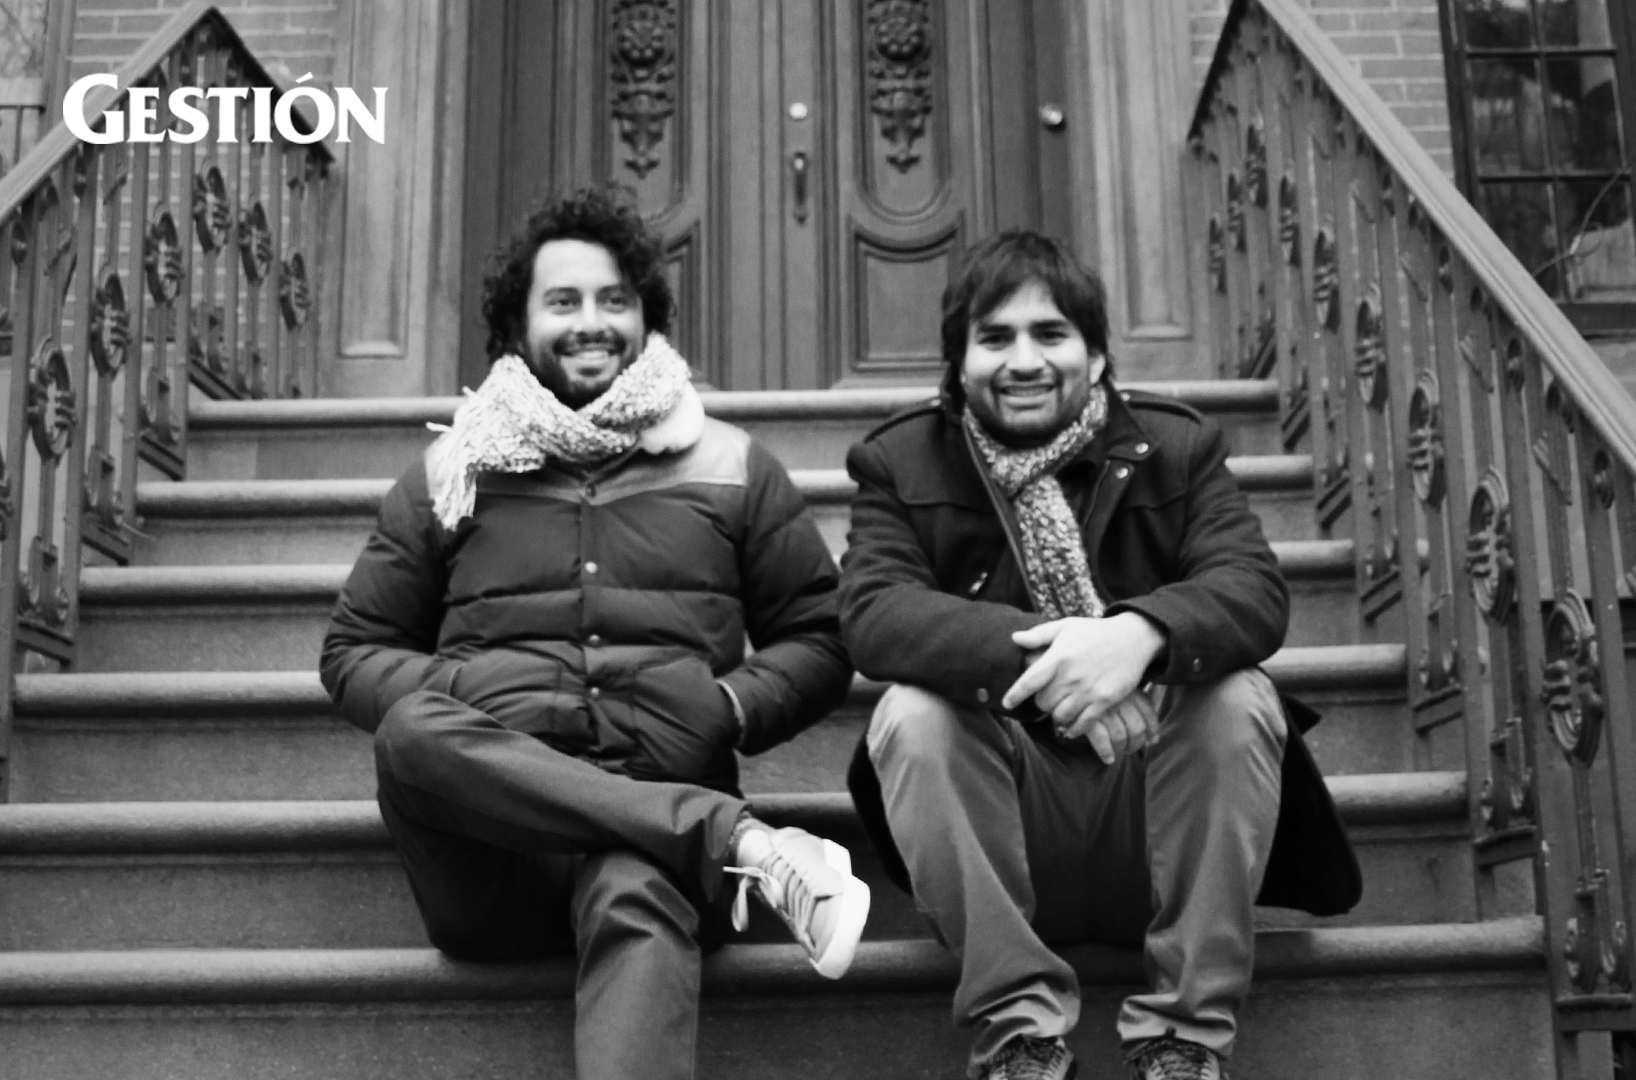 American Express, una campaña global, Times Square y la dupla peruana detrás - Los creativos Giancarlo Lanfranco y Rolando Córdova ahondan sobre el reposicionamiento de la marca icónica.